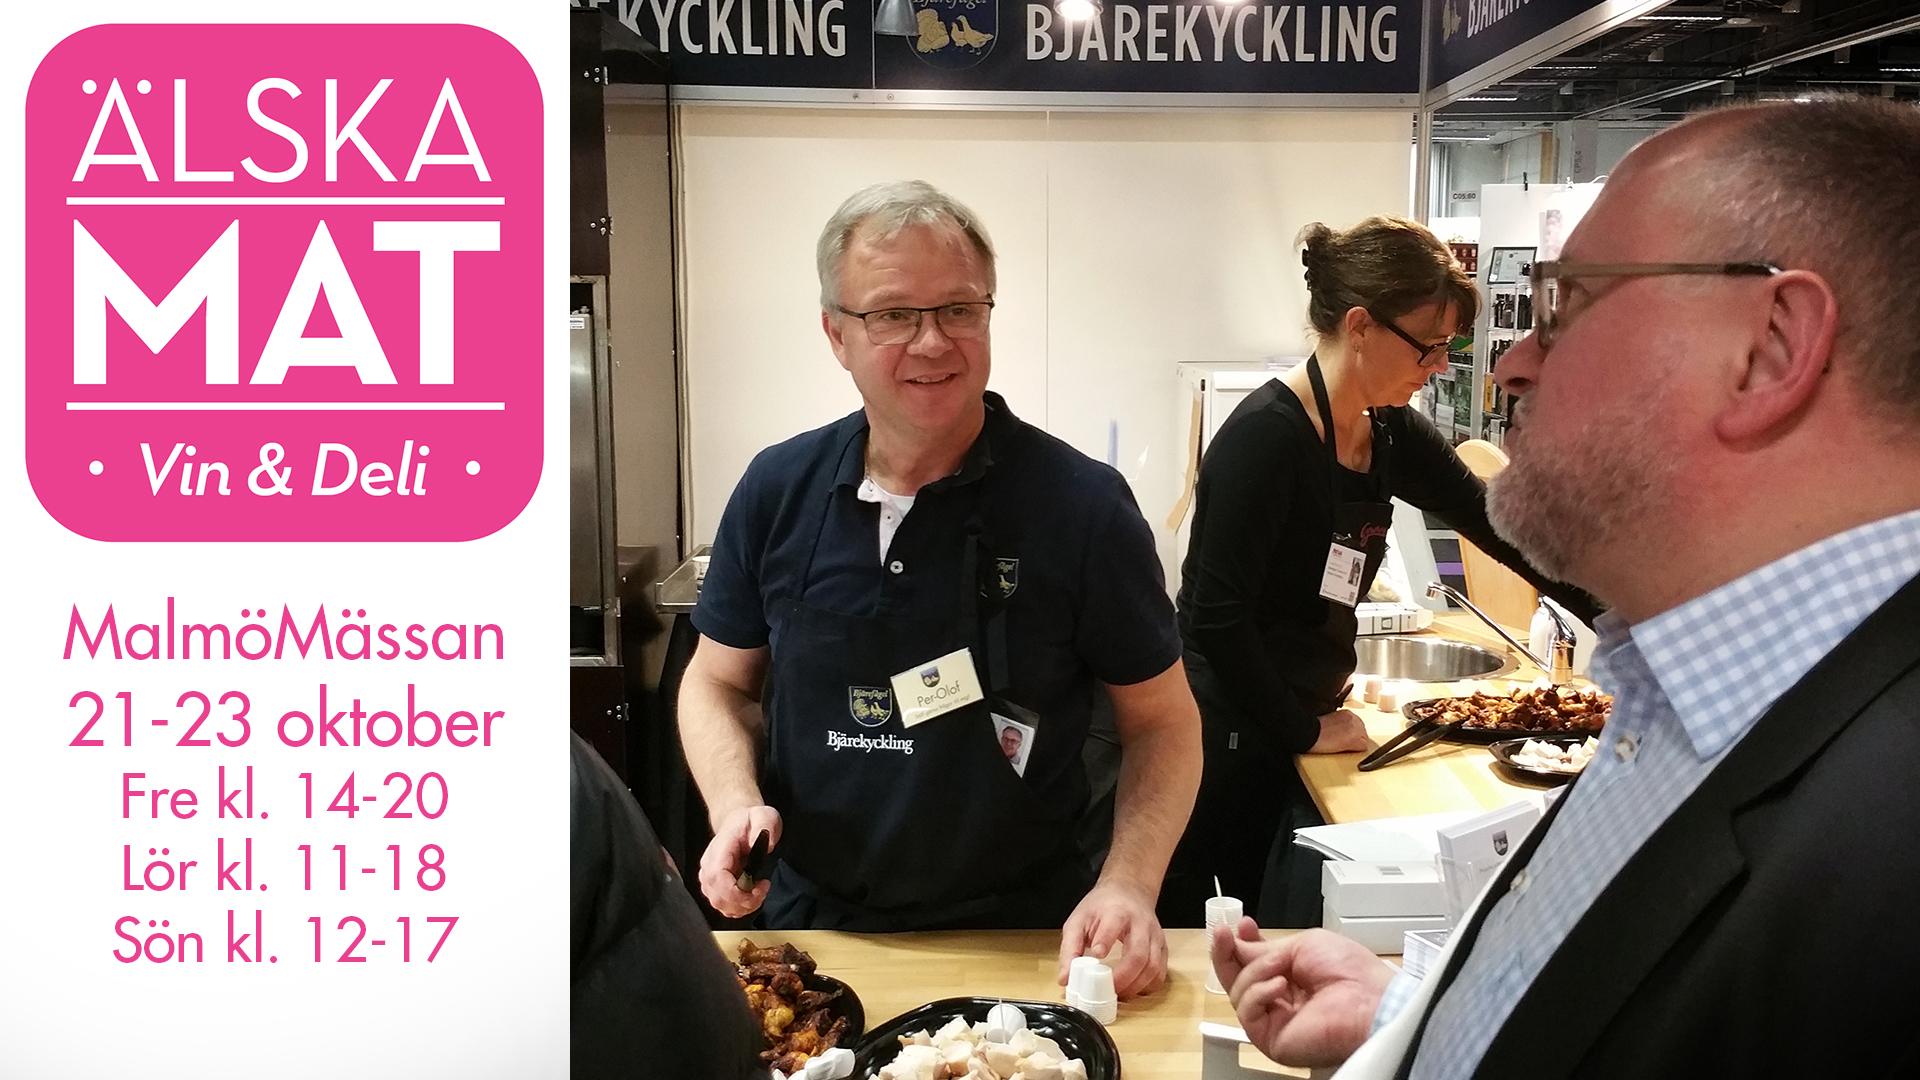 Hoppas vi ses på Älska mat i Malmö, 21-23 oktober!